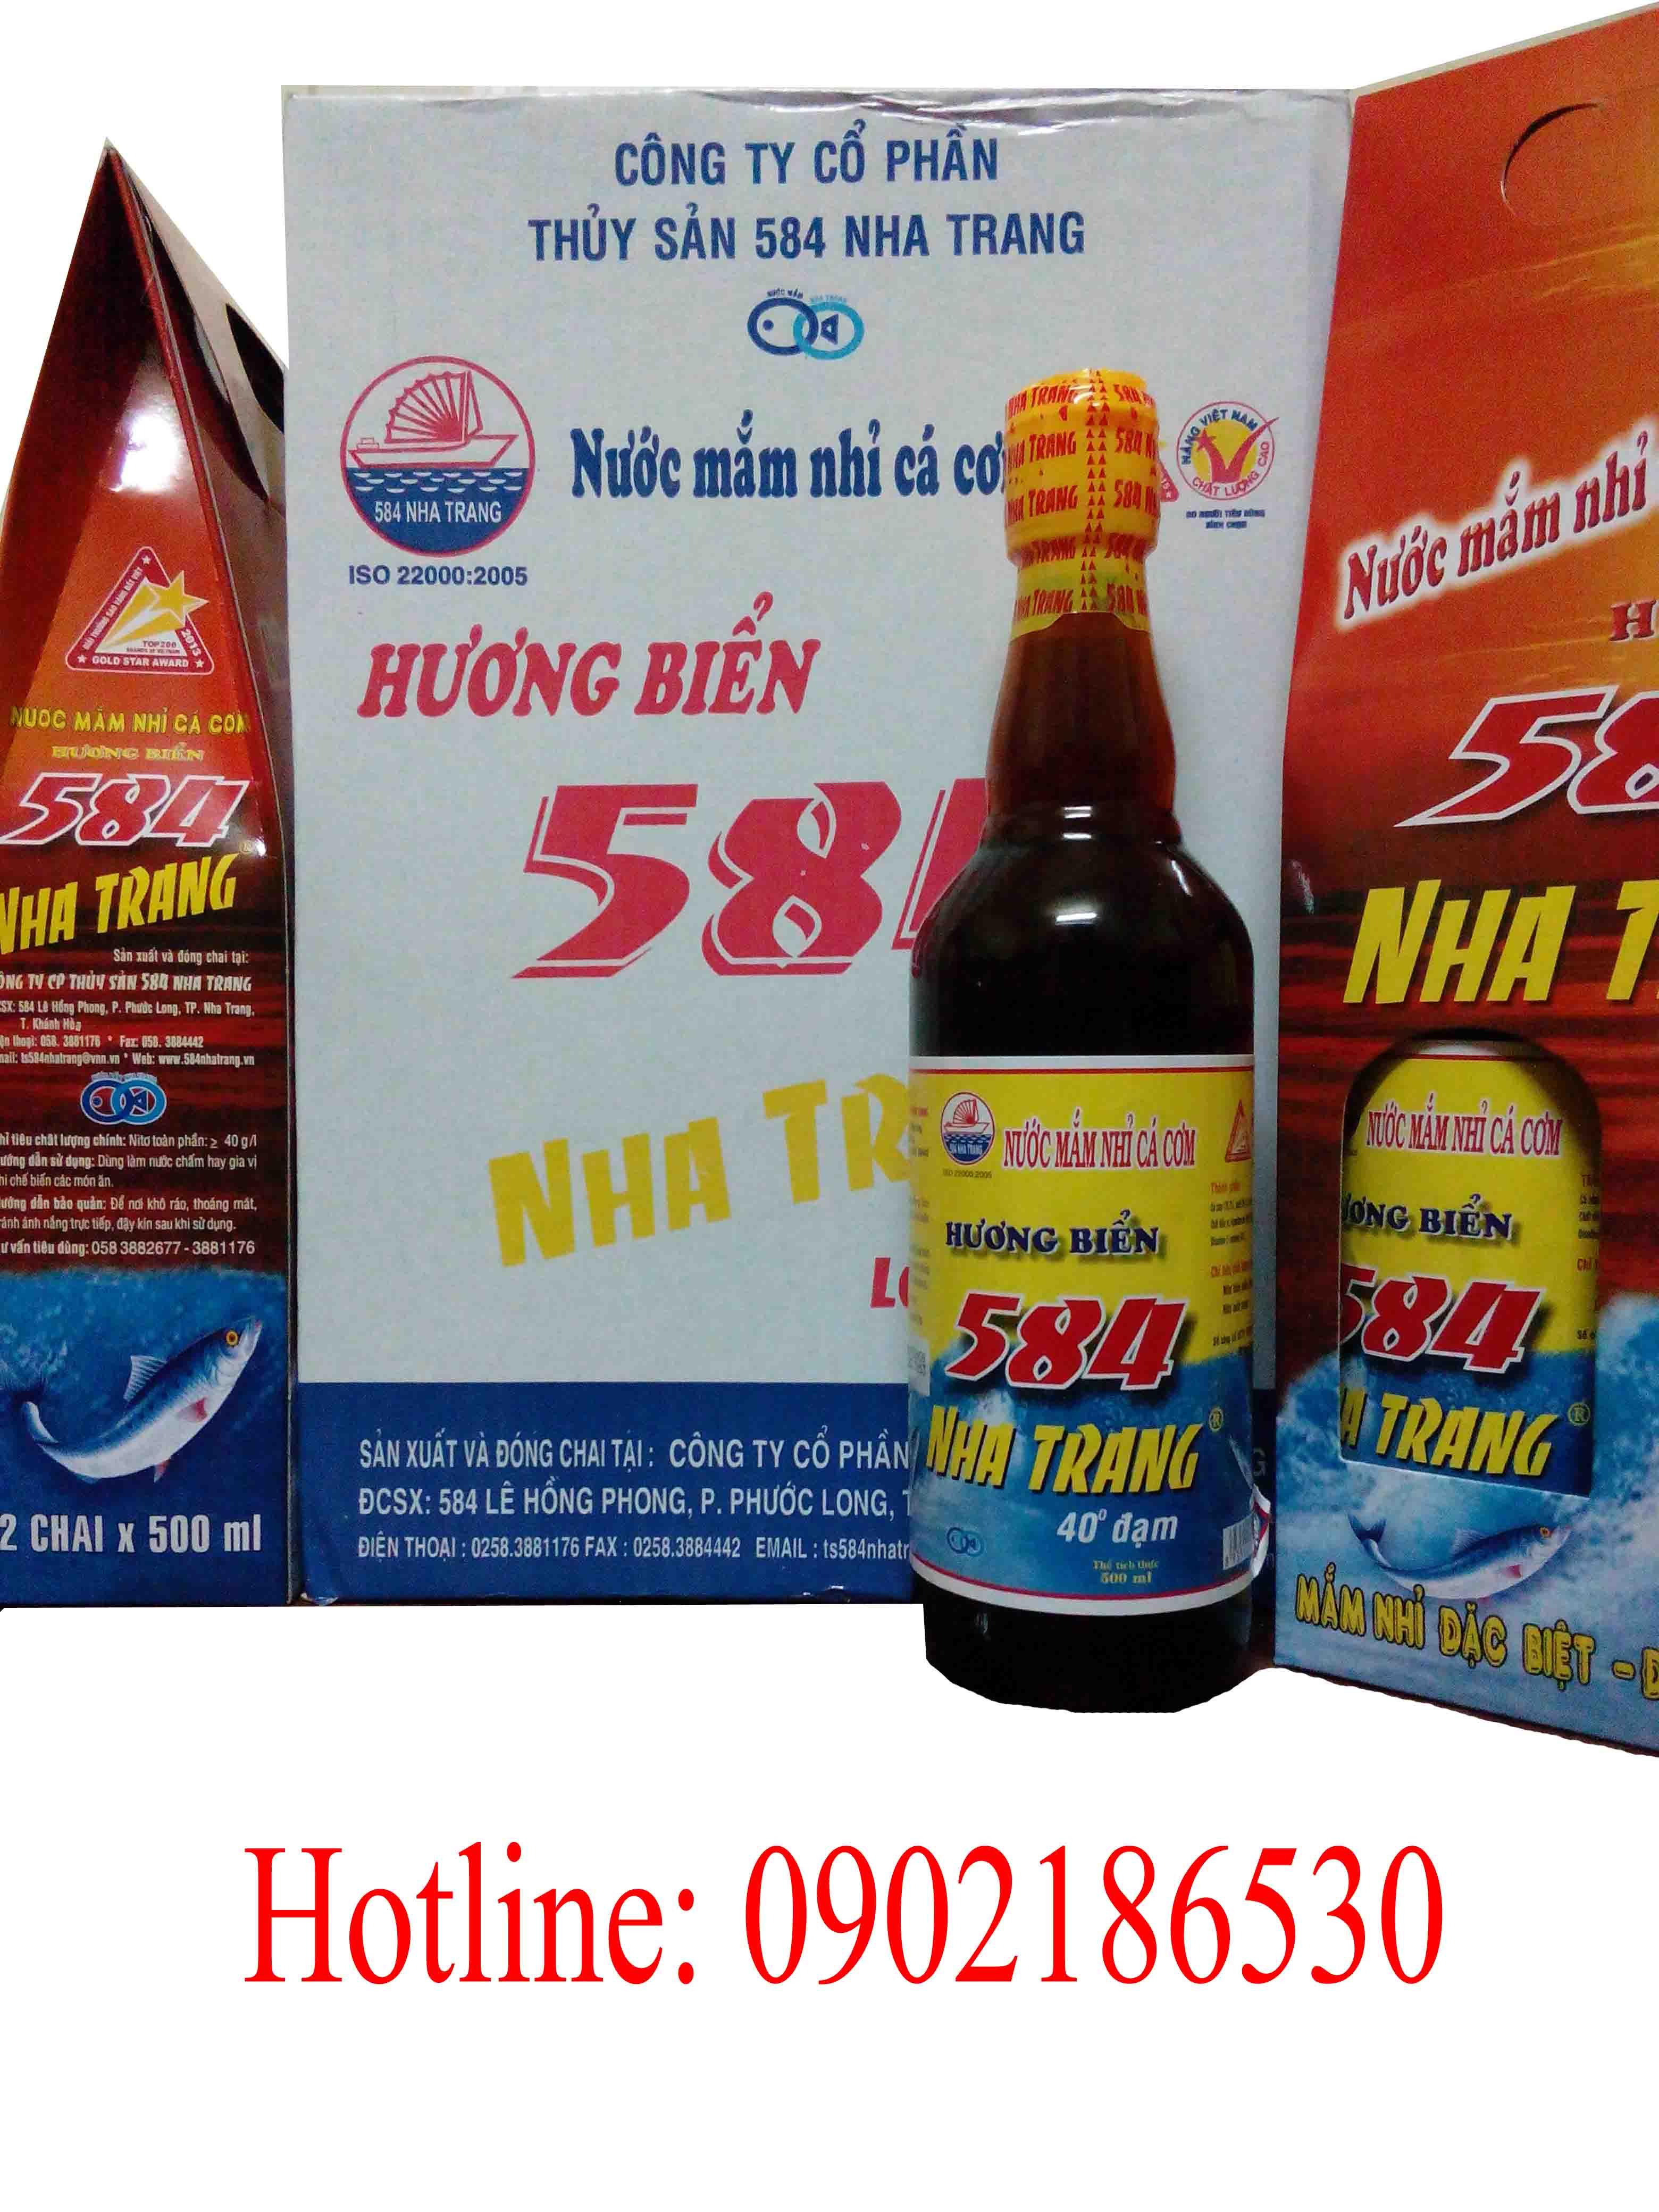 Nước mắm 584 Nha Trang 40 độ đạm (chai thủy tinh)